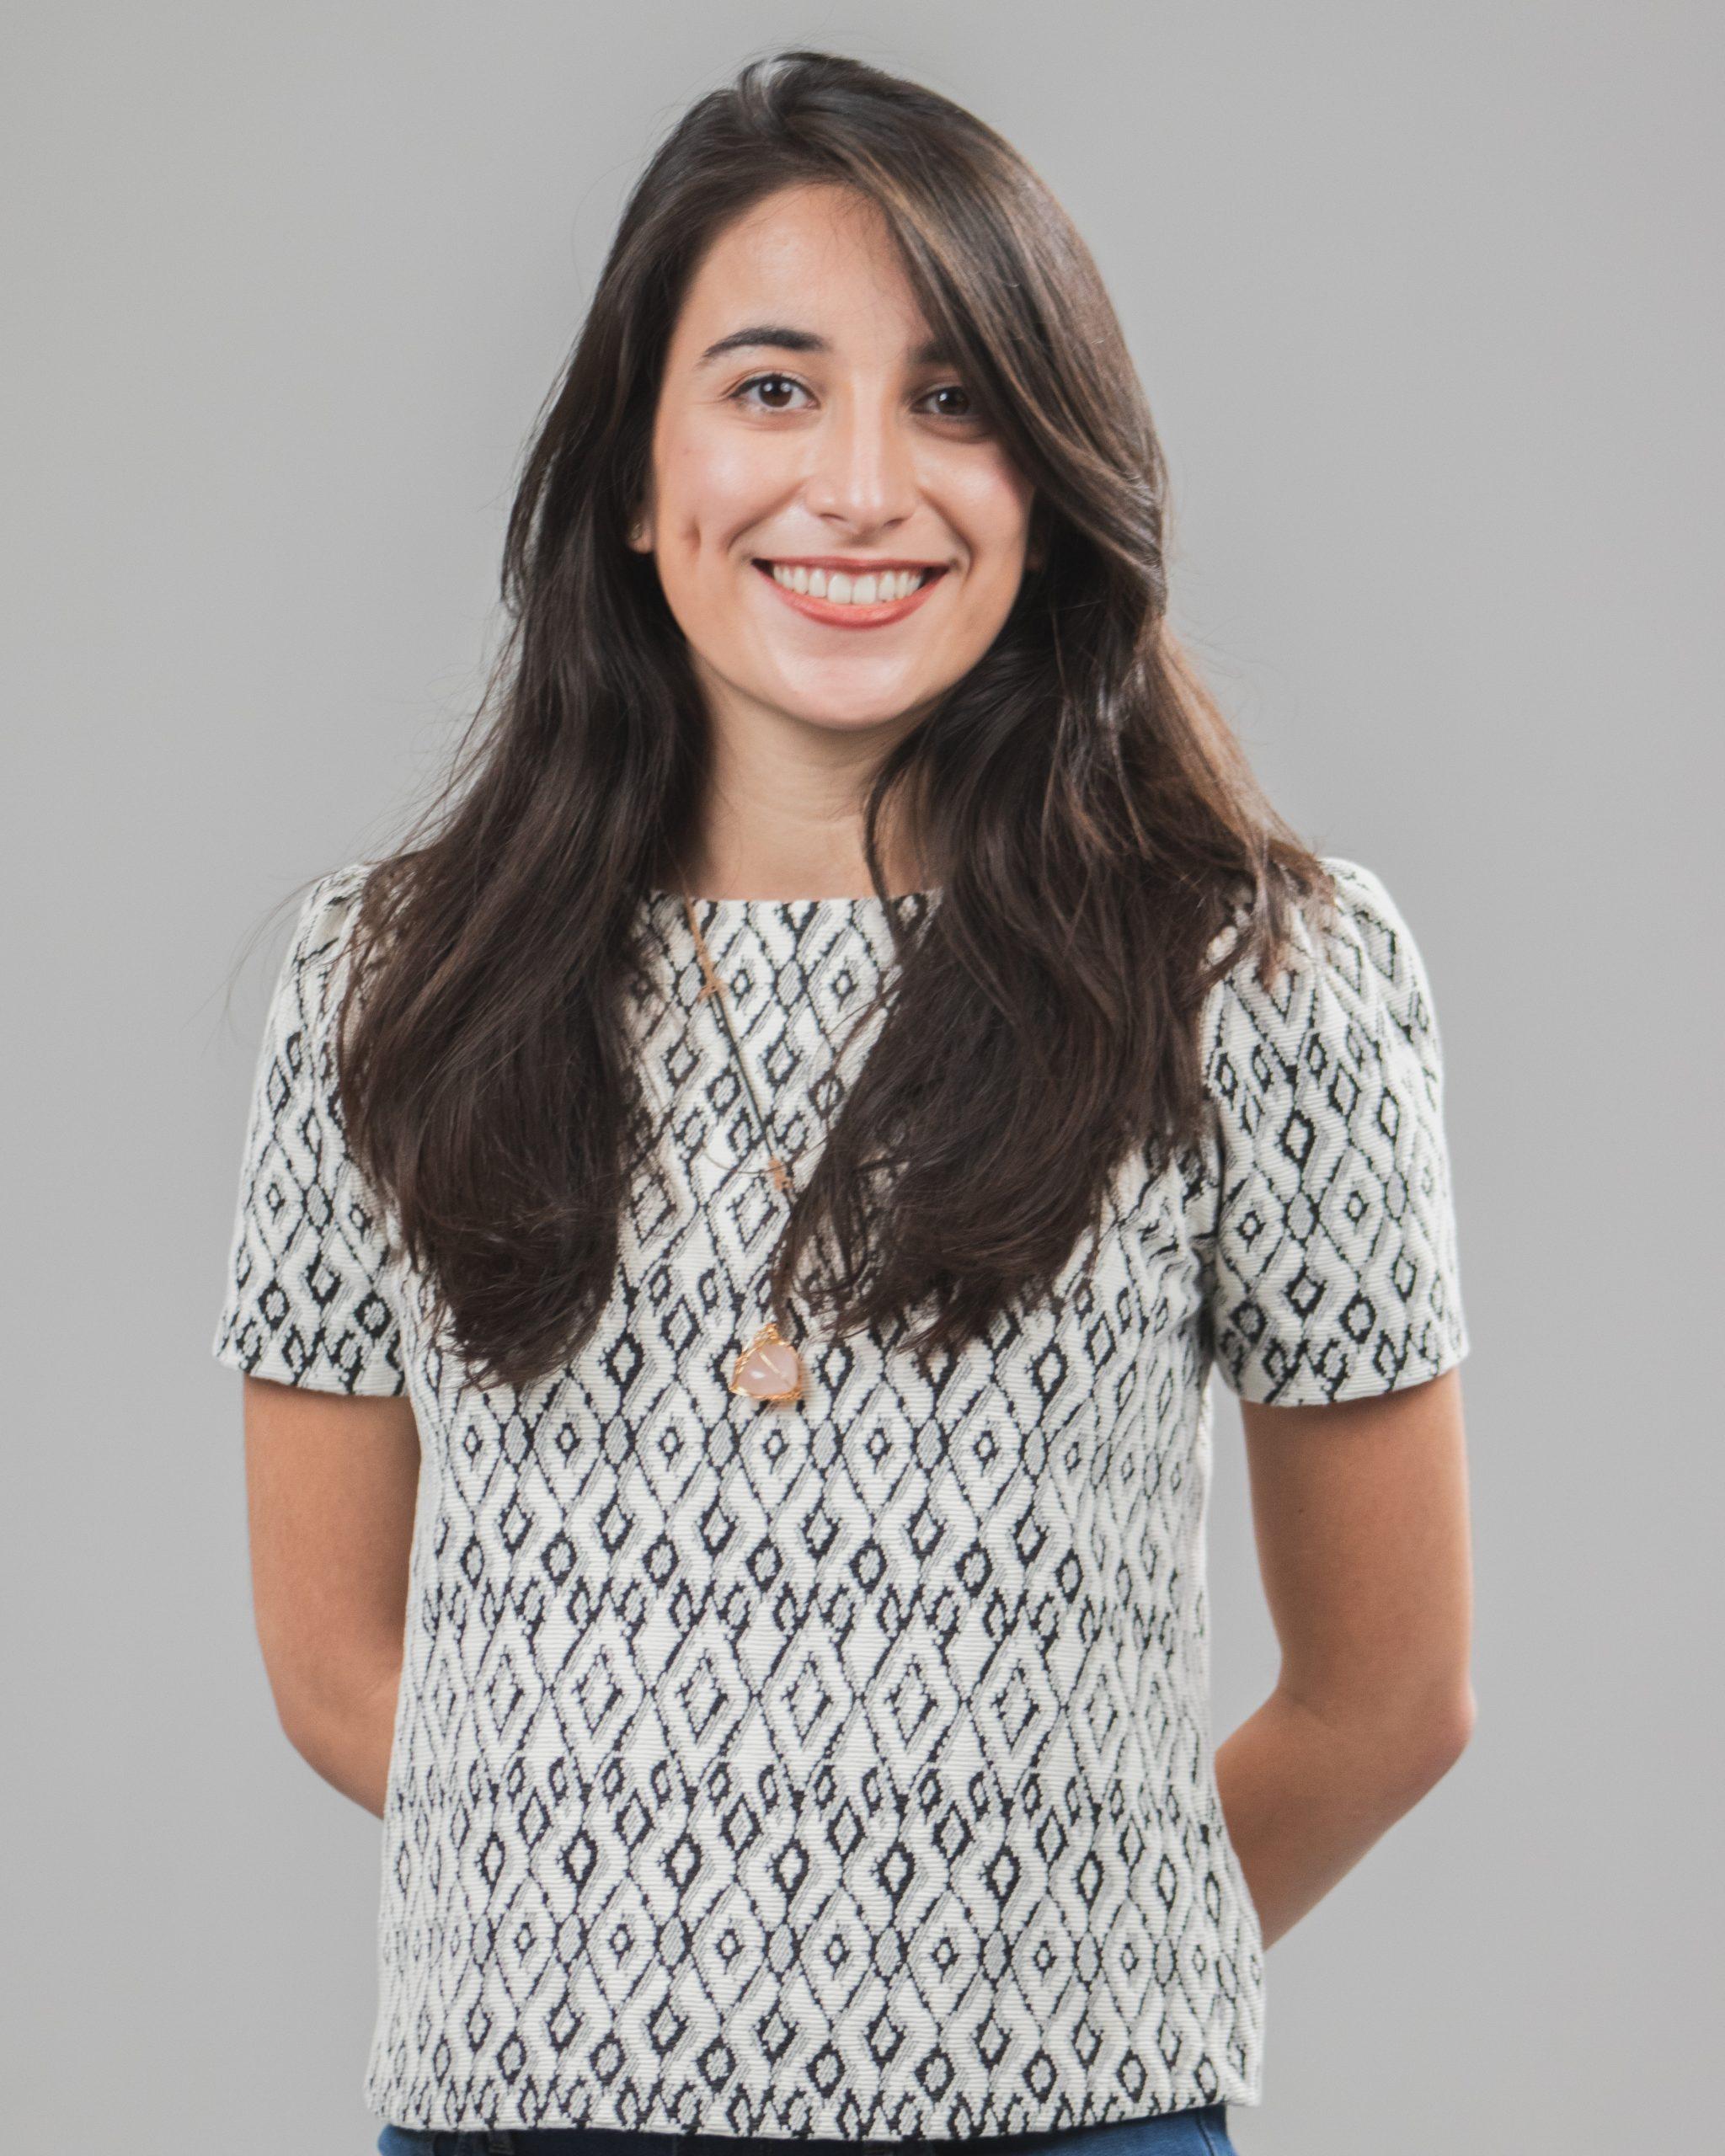 Lauren Santos